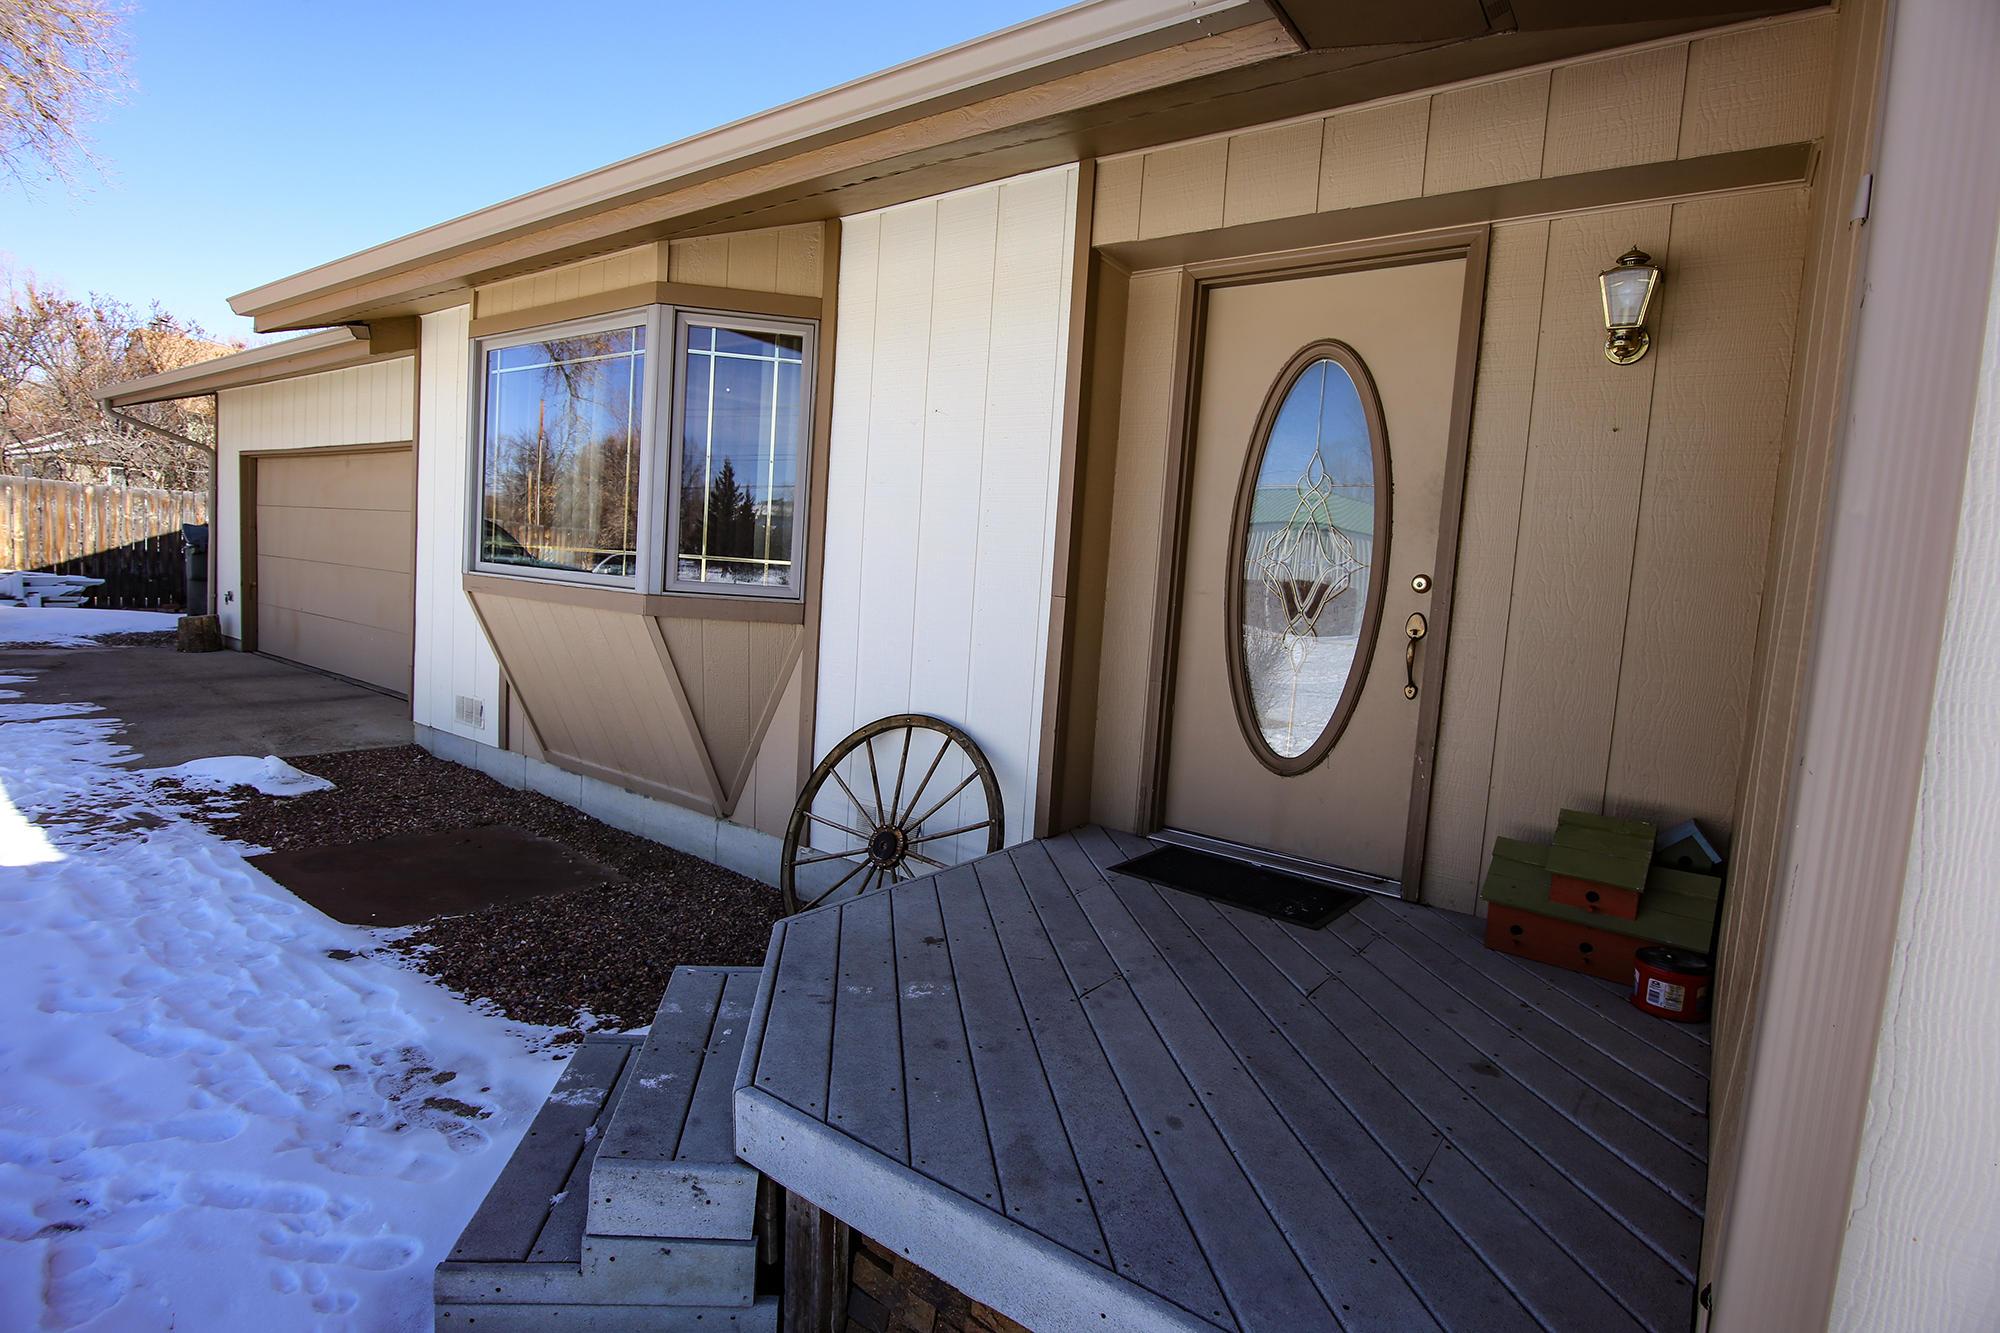 585 NB Avenue, Sheridan, Wyoming 82801, 3 Bedrooms Bedrooms, ,2 BathroomsBathrooms,Residential,For Sale,NB,19-195